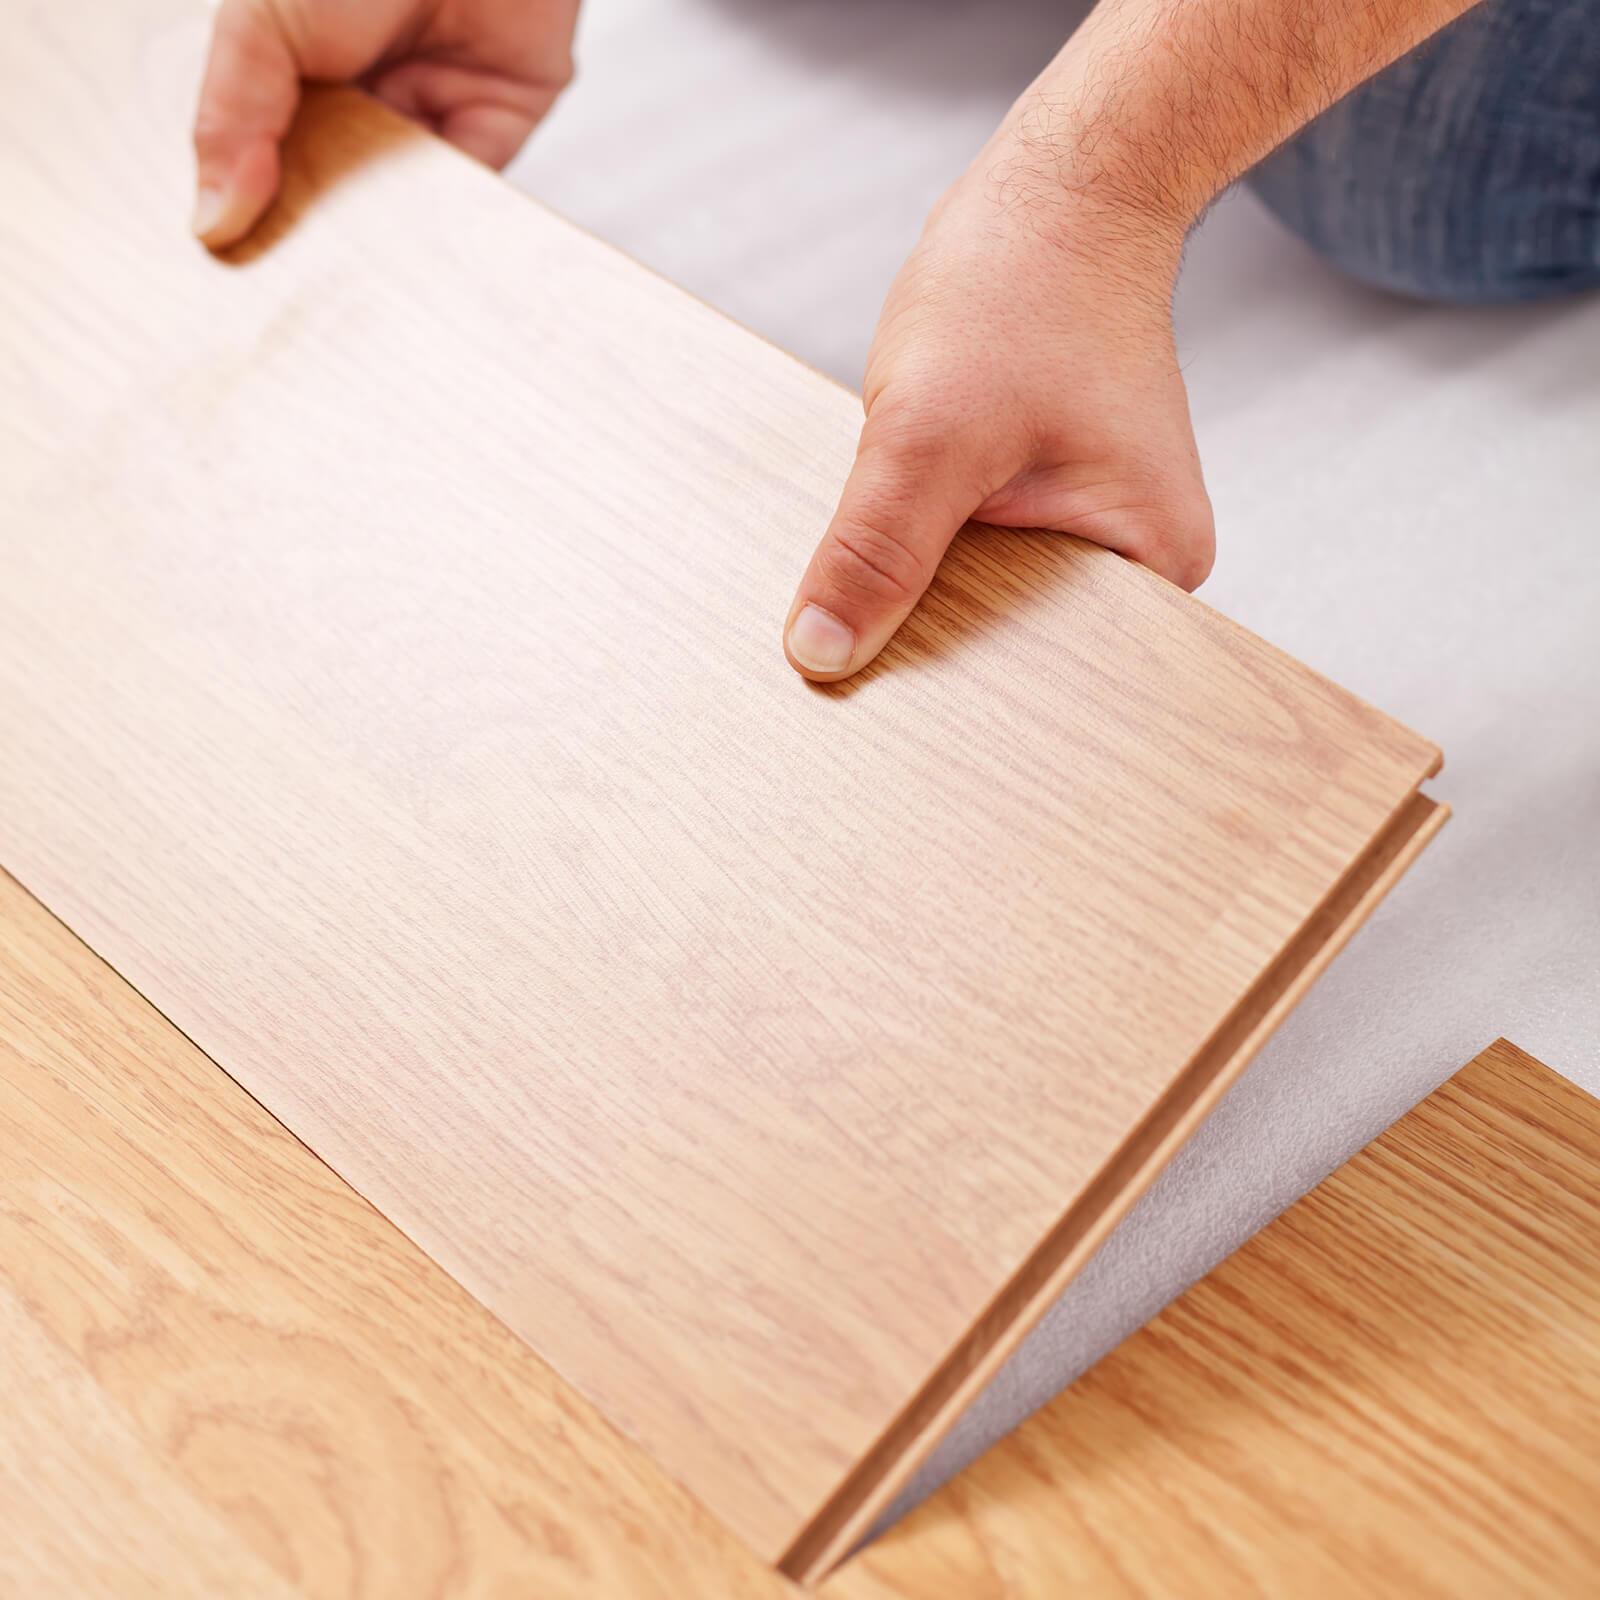 Installing laminate flooring | Everlast Floors